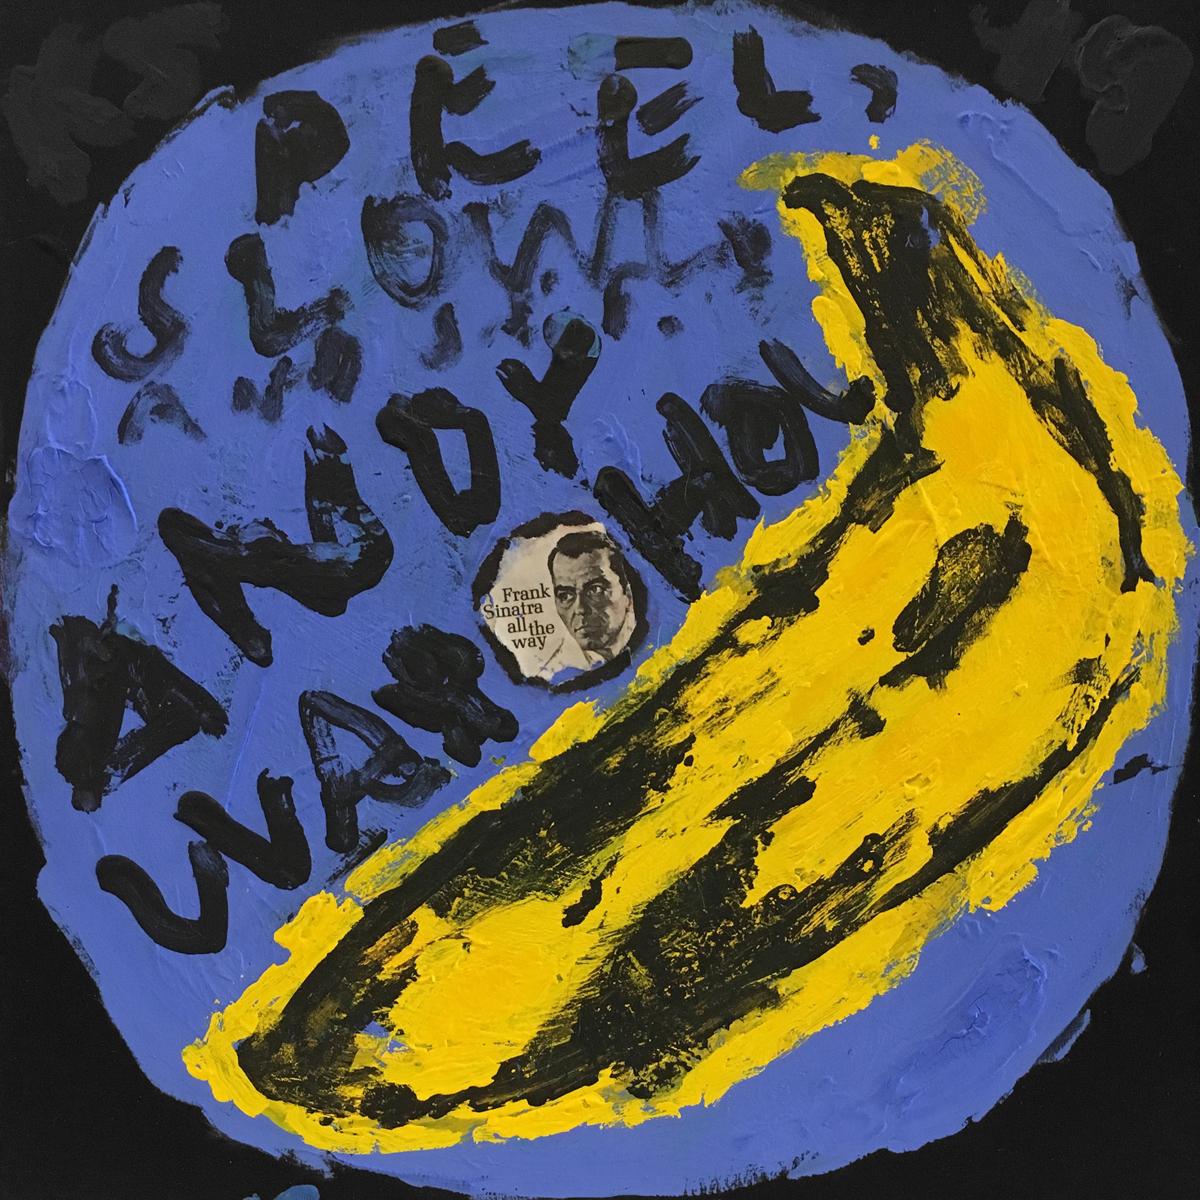 Velvet Underground / Andy Warhol (Blue)